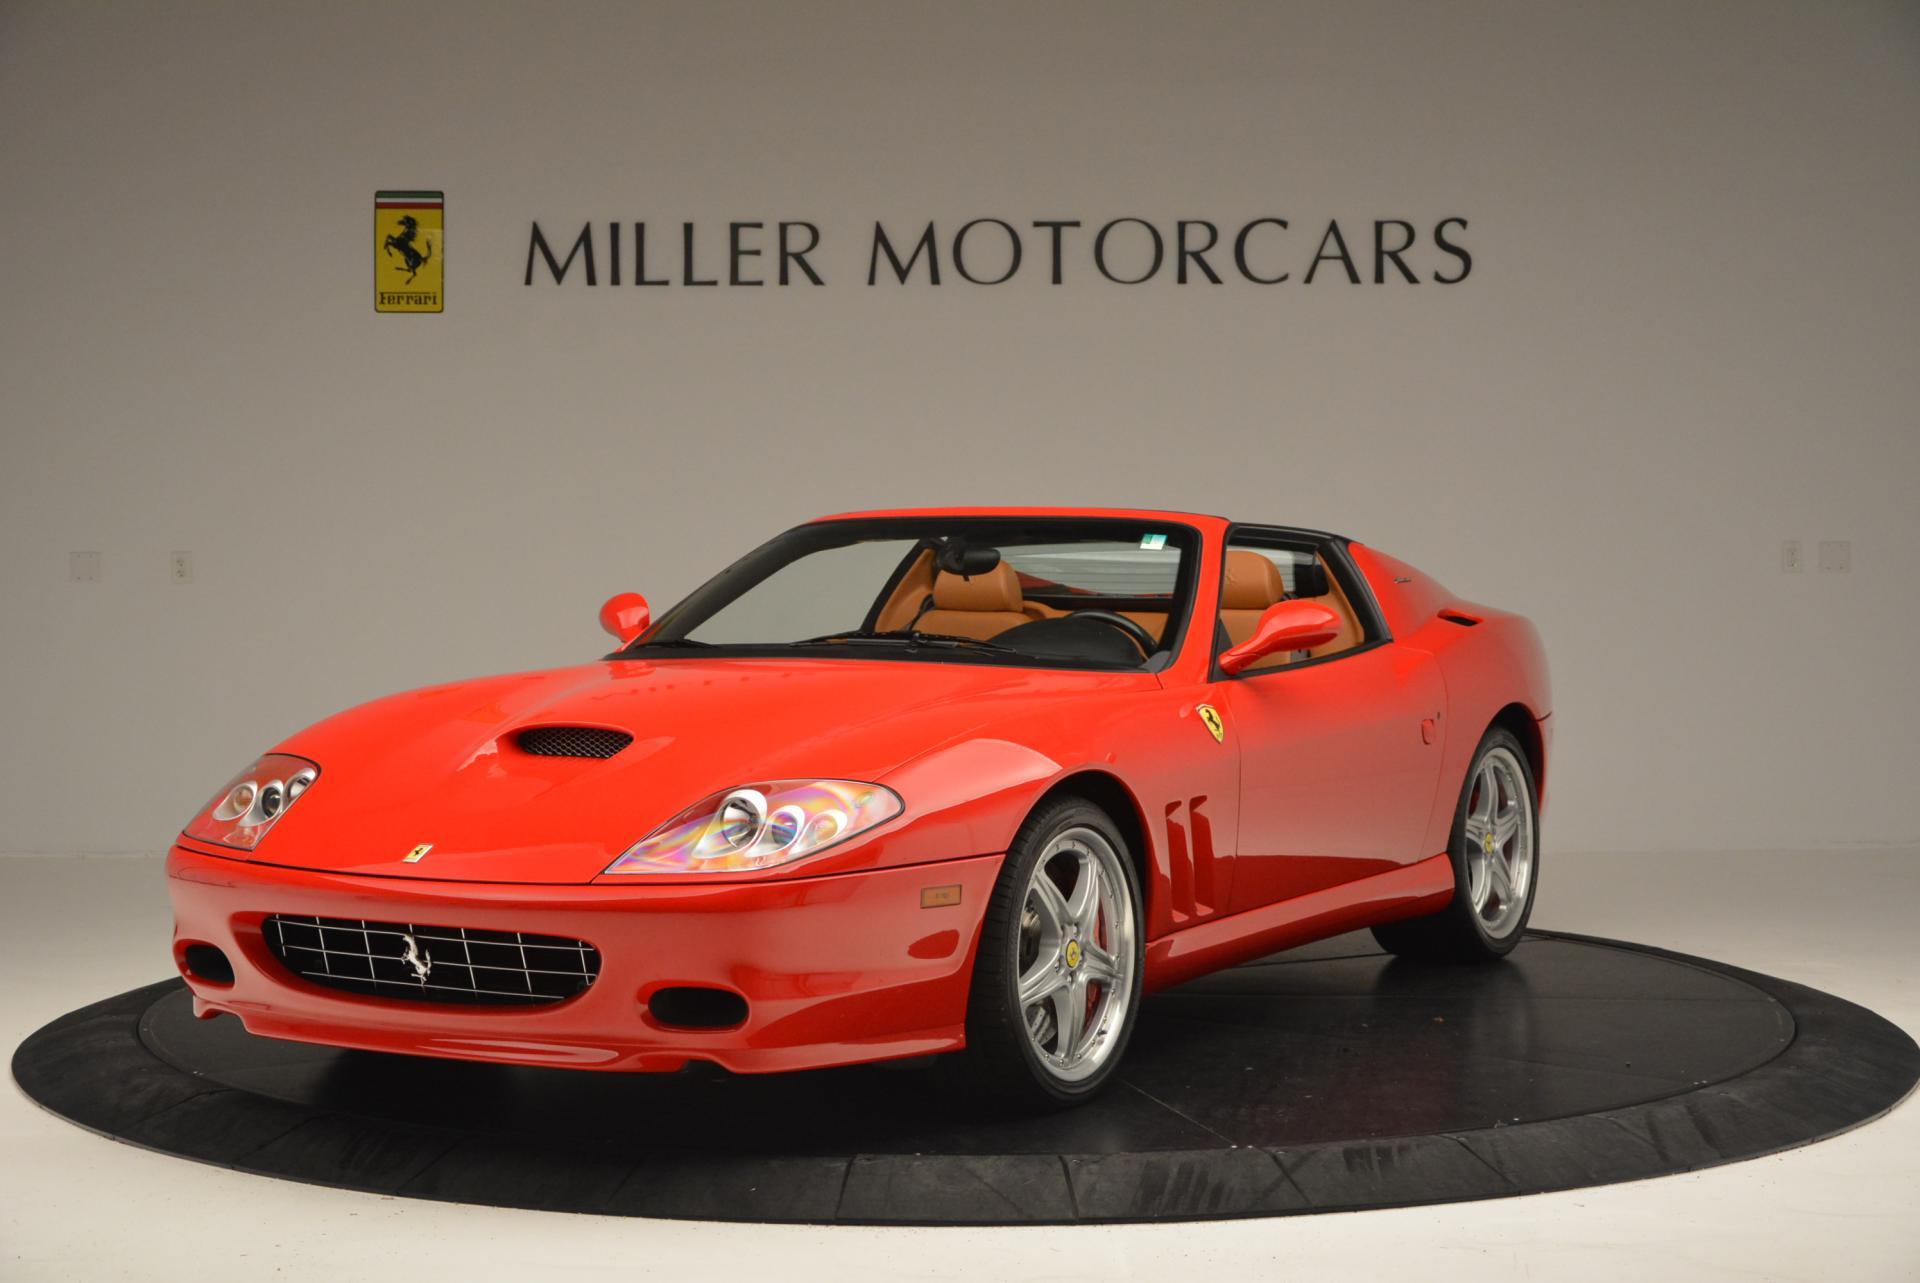 Used 2005 Ferrari Superamerica for sale Sold at Alfa Romeo of Westport in Westport CT 06880 1